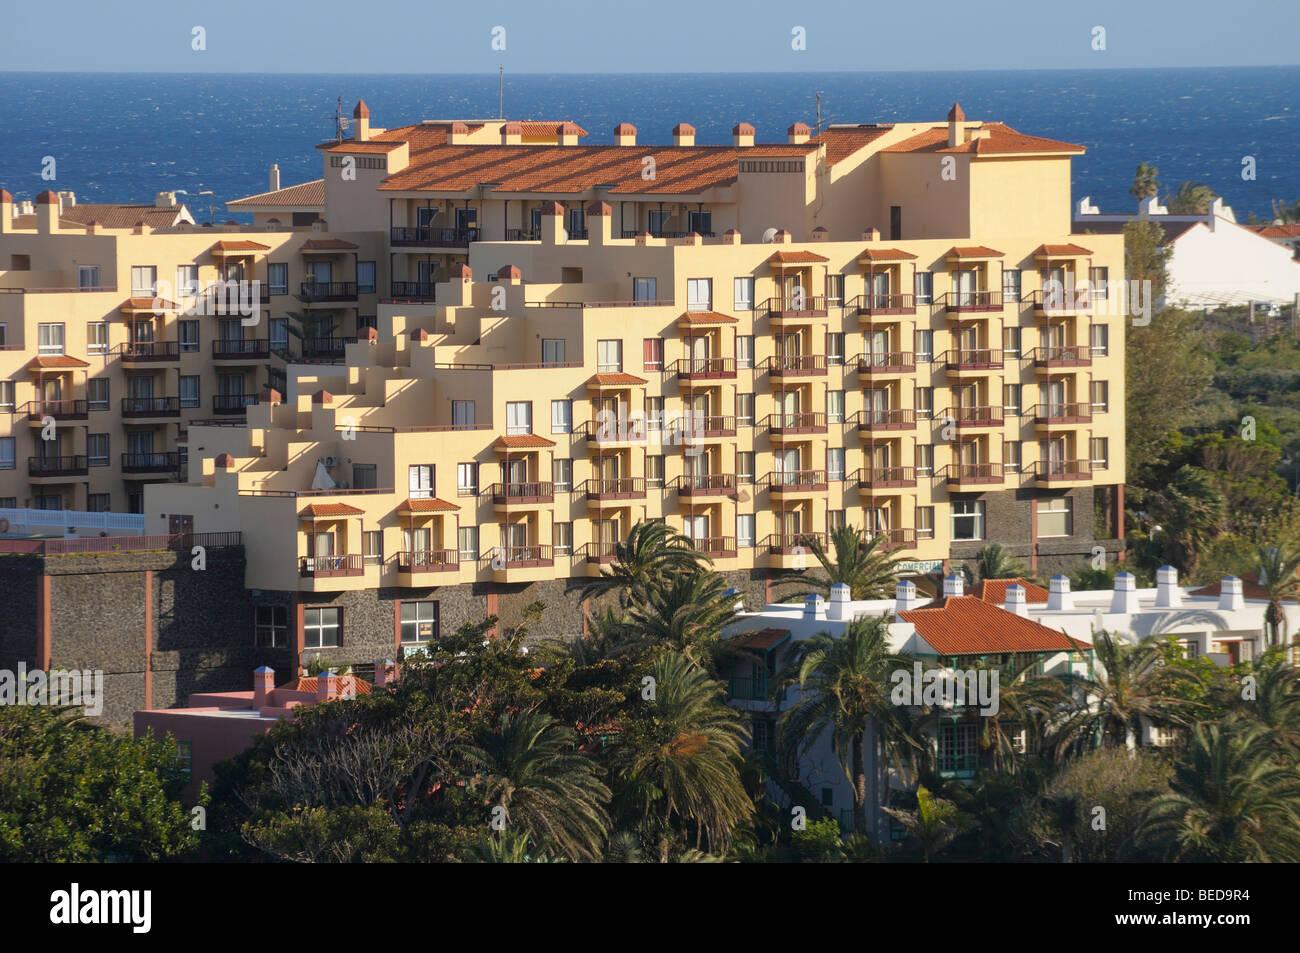 Holiday complex, Los Cancajos, La Palma, Canary Islands, Spain - Stock Image